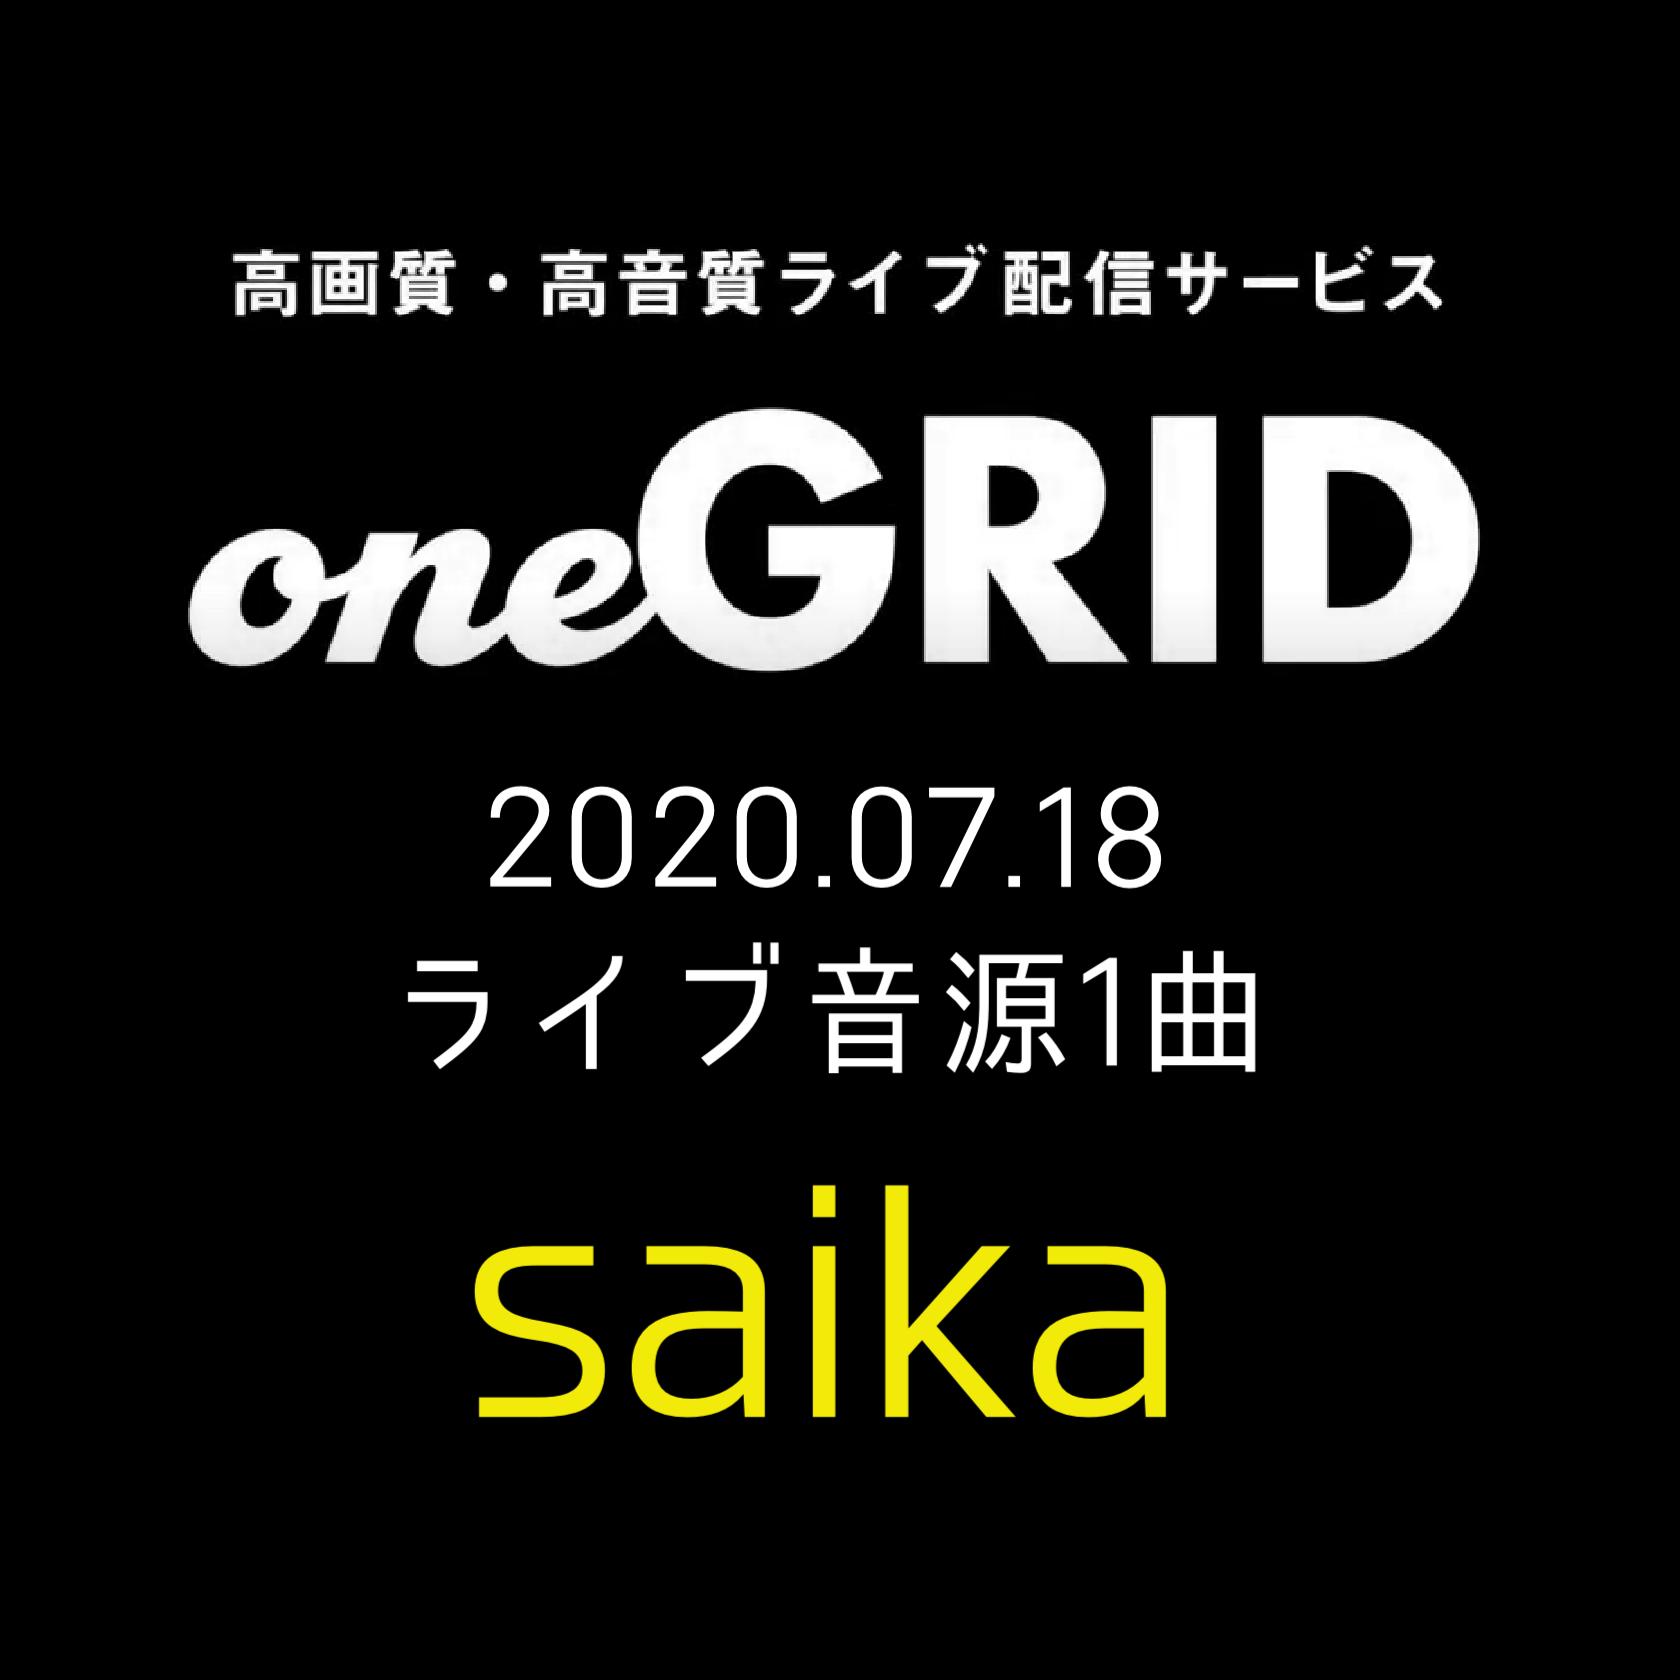 7/18saikaライブ音源